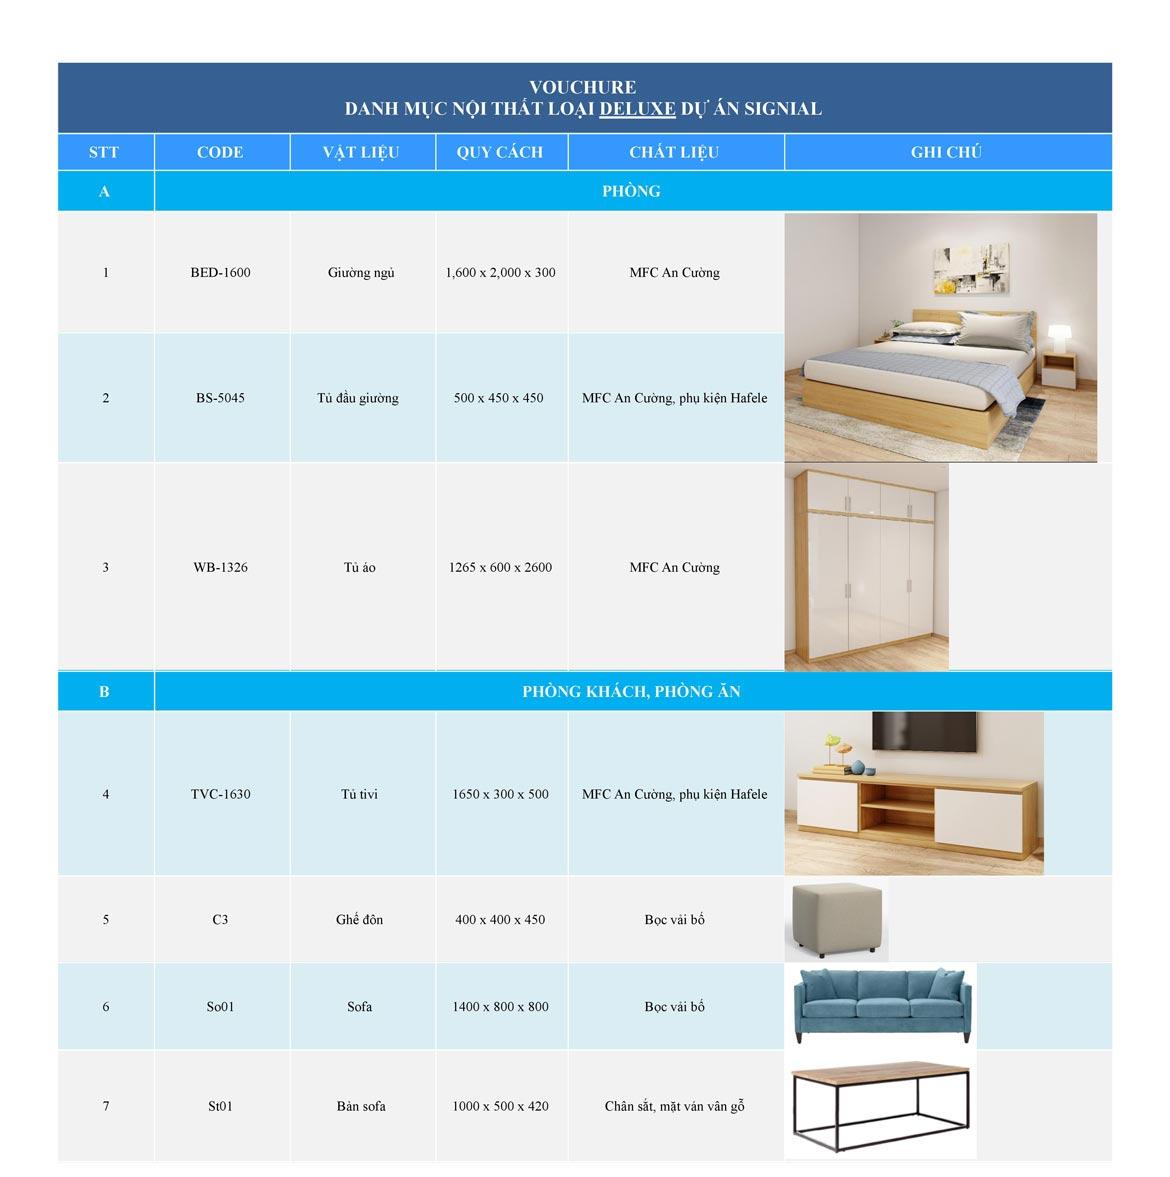 Khách hàng mua dự án căn hộ Smartel Signial được tặng Voucher nội thất.